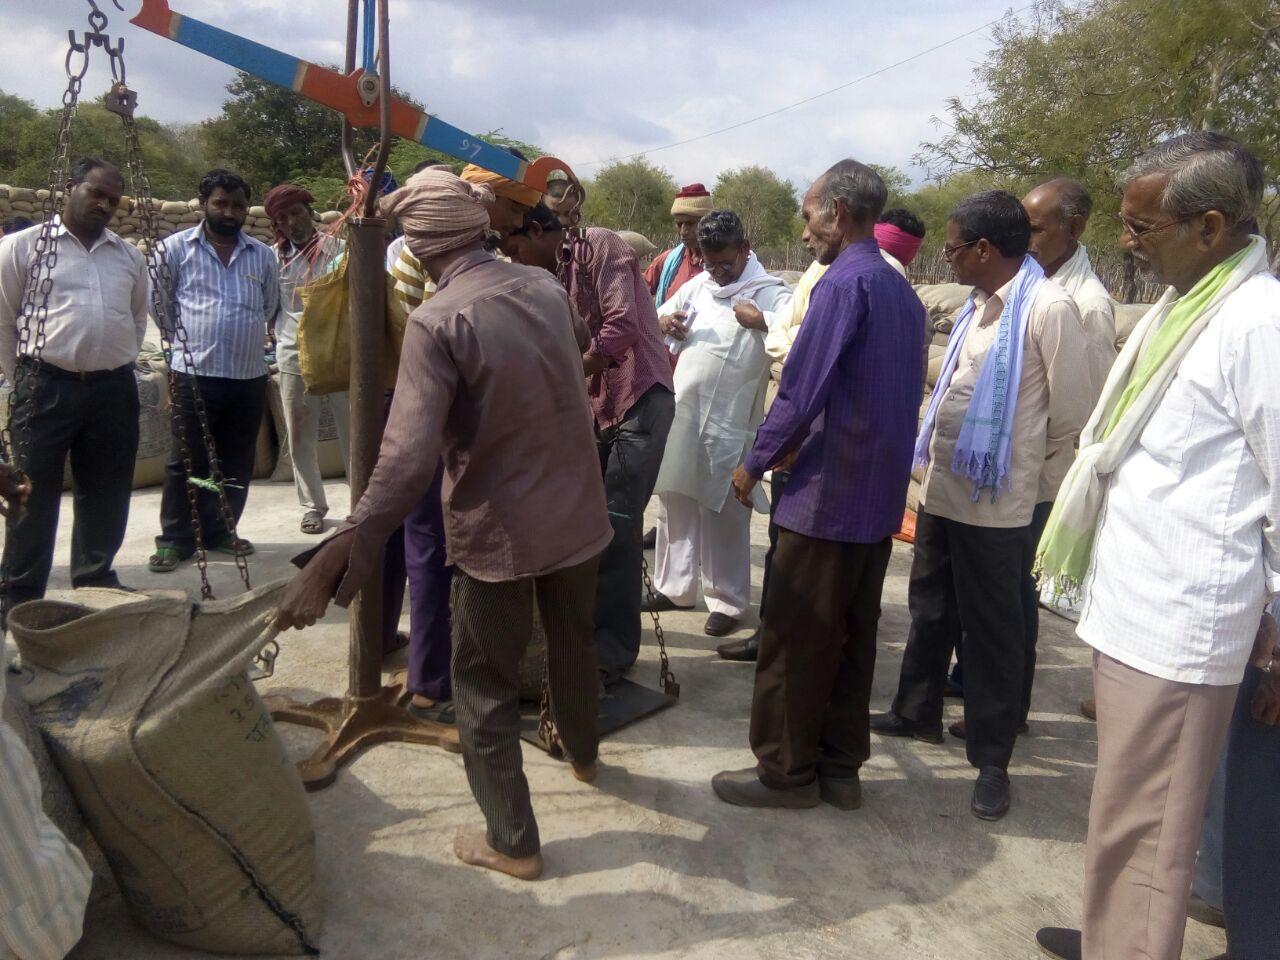 मुख्यमंत्री के विधान सभा क्षेत्र में धान के तौल में पकड़ी गई गड़बड़